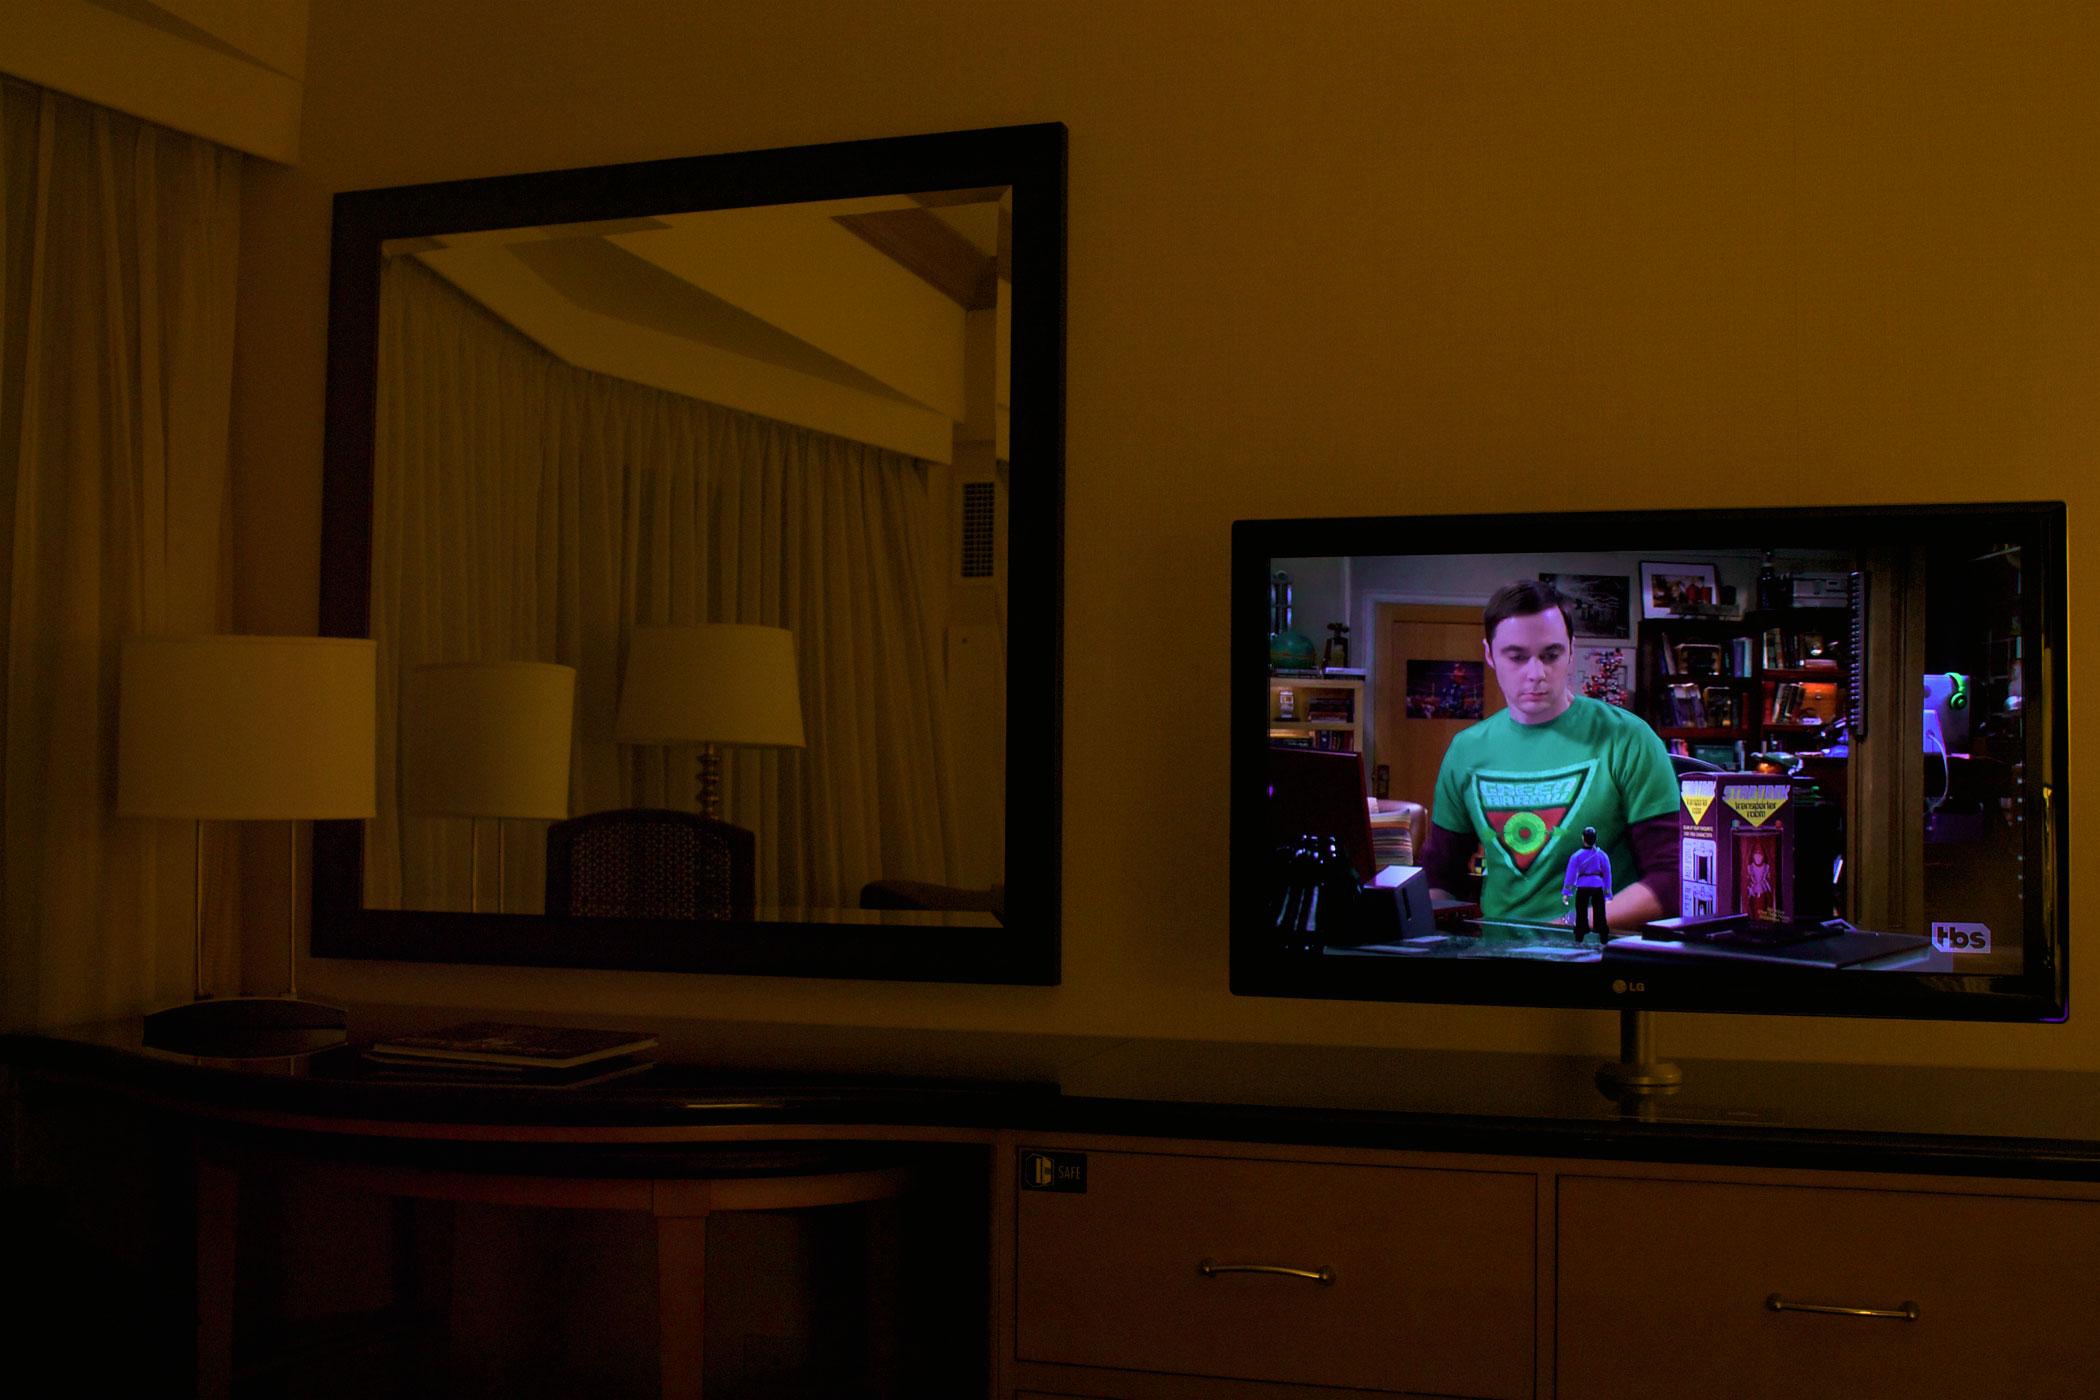 HotelSheldon1